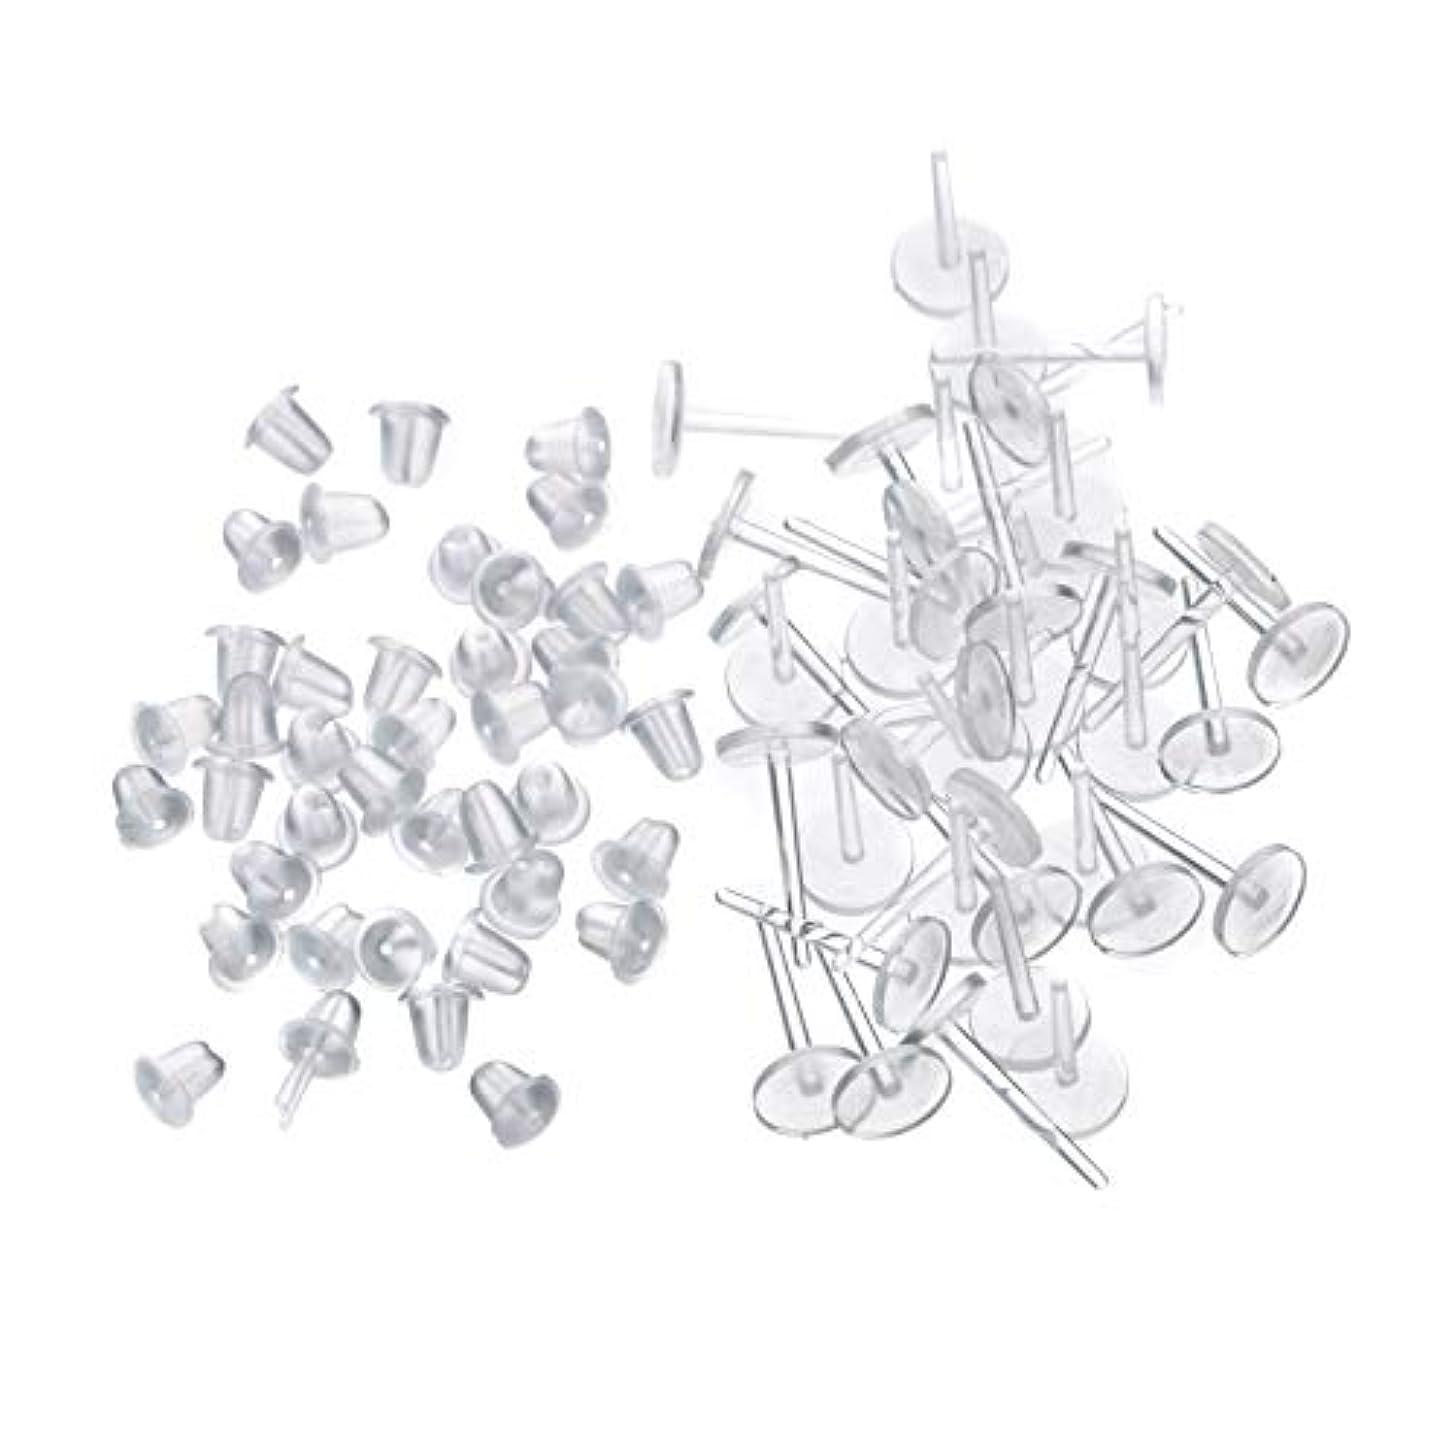 キャプチャー他のバンドでお風呂を持っているシークレットピアス 樹脂透明ピアス 金属アレルギーフリー ピアスホール維持に最適 (20セット)